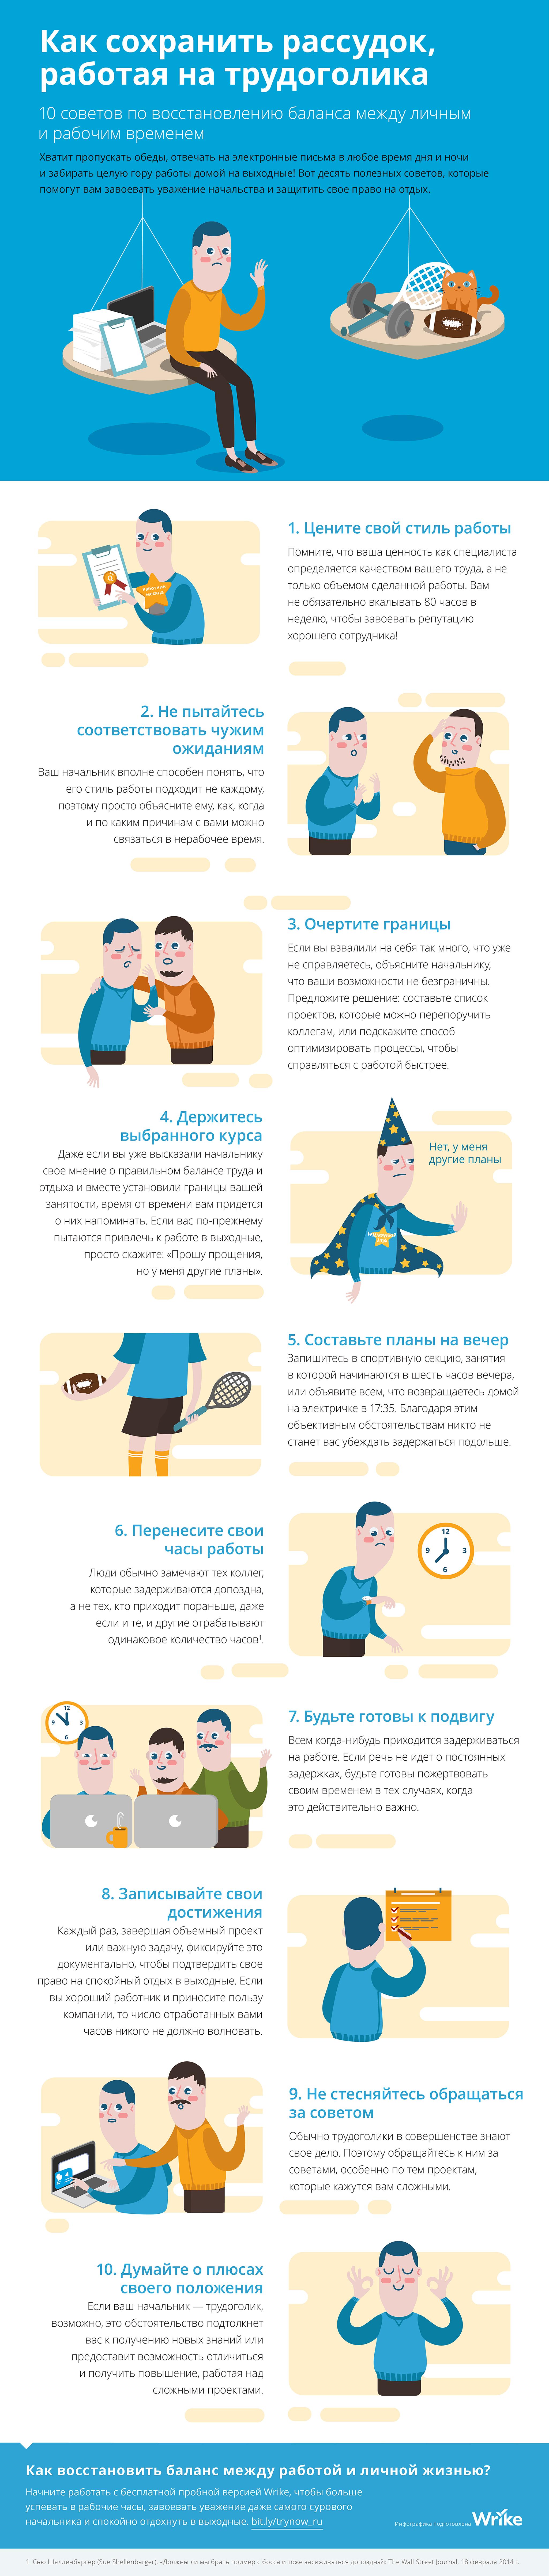 Как сохранить рассудок, работая на трудоголика: 10советов по восстановлению баланса между личным и рабочим временем (#инфографика)